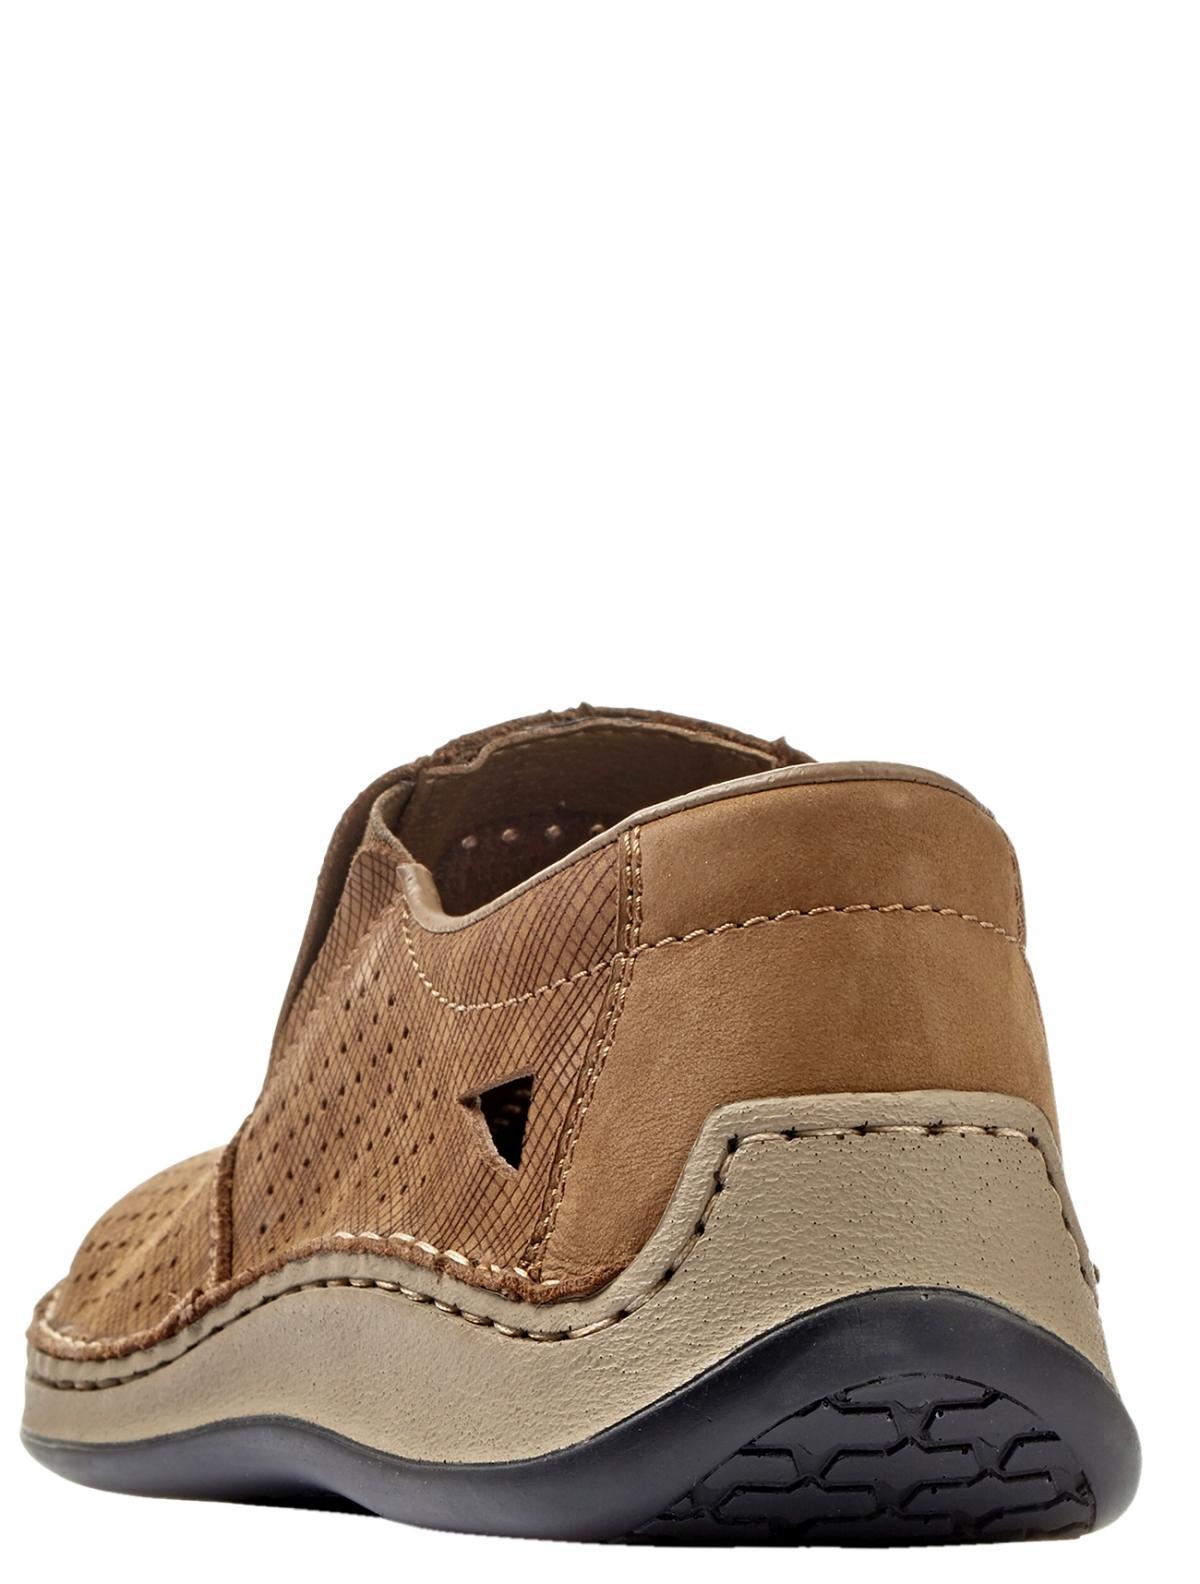 Rieker 05289-64 мужские туфли